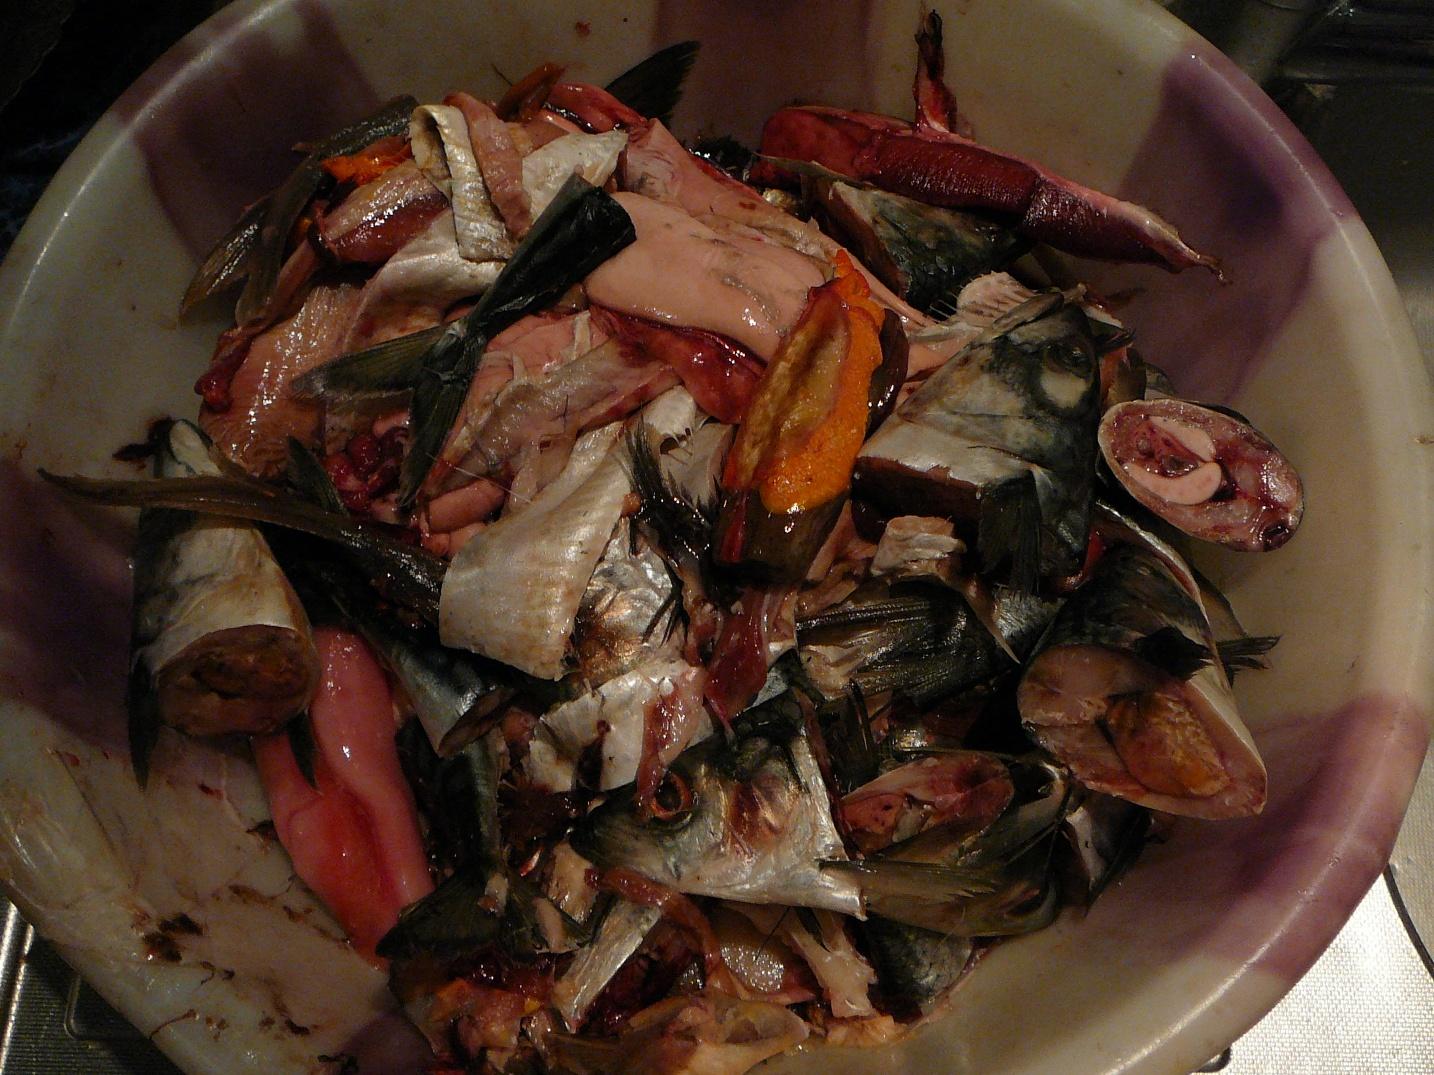 Рыбьи головы, хвосты, потроха, кожа, плавники - идеальное сырье для гарума